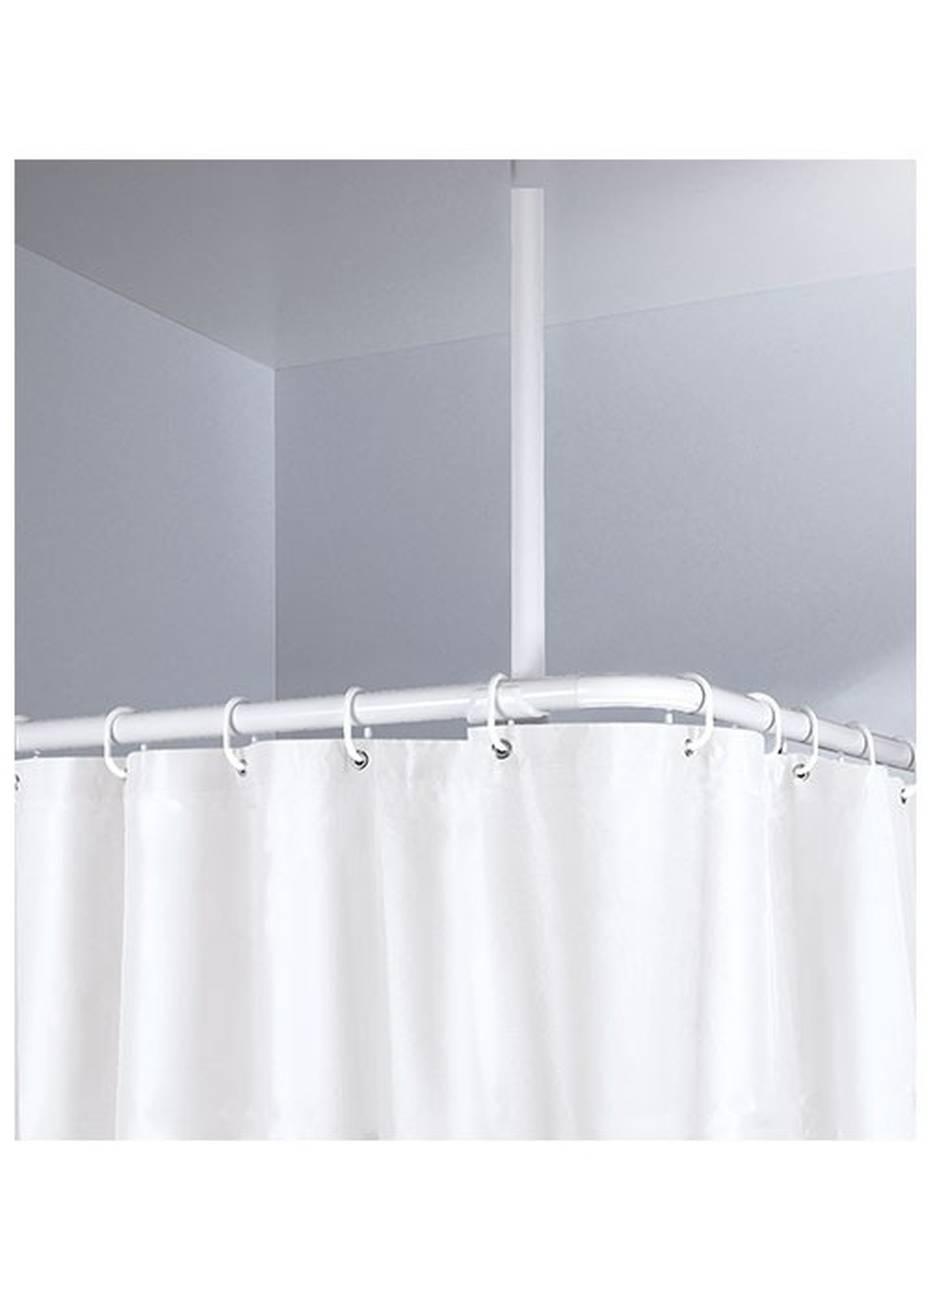 DV-Schiene Deckenhalter Aluminium Weiss 60 cm